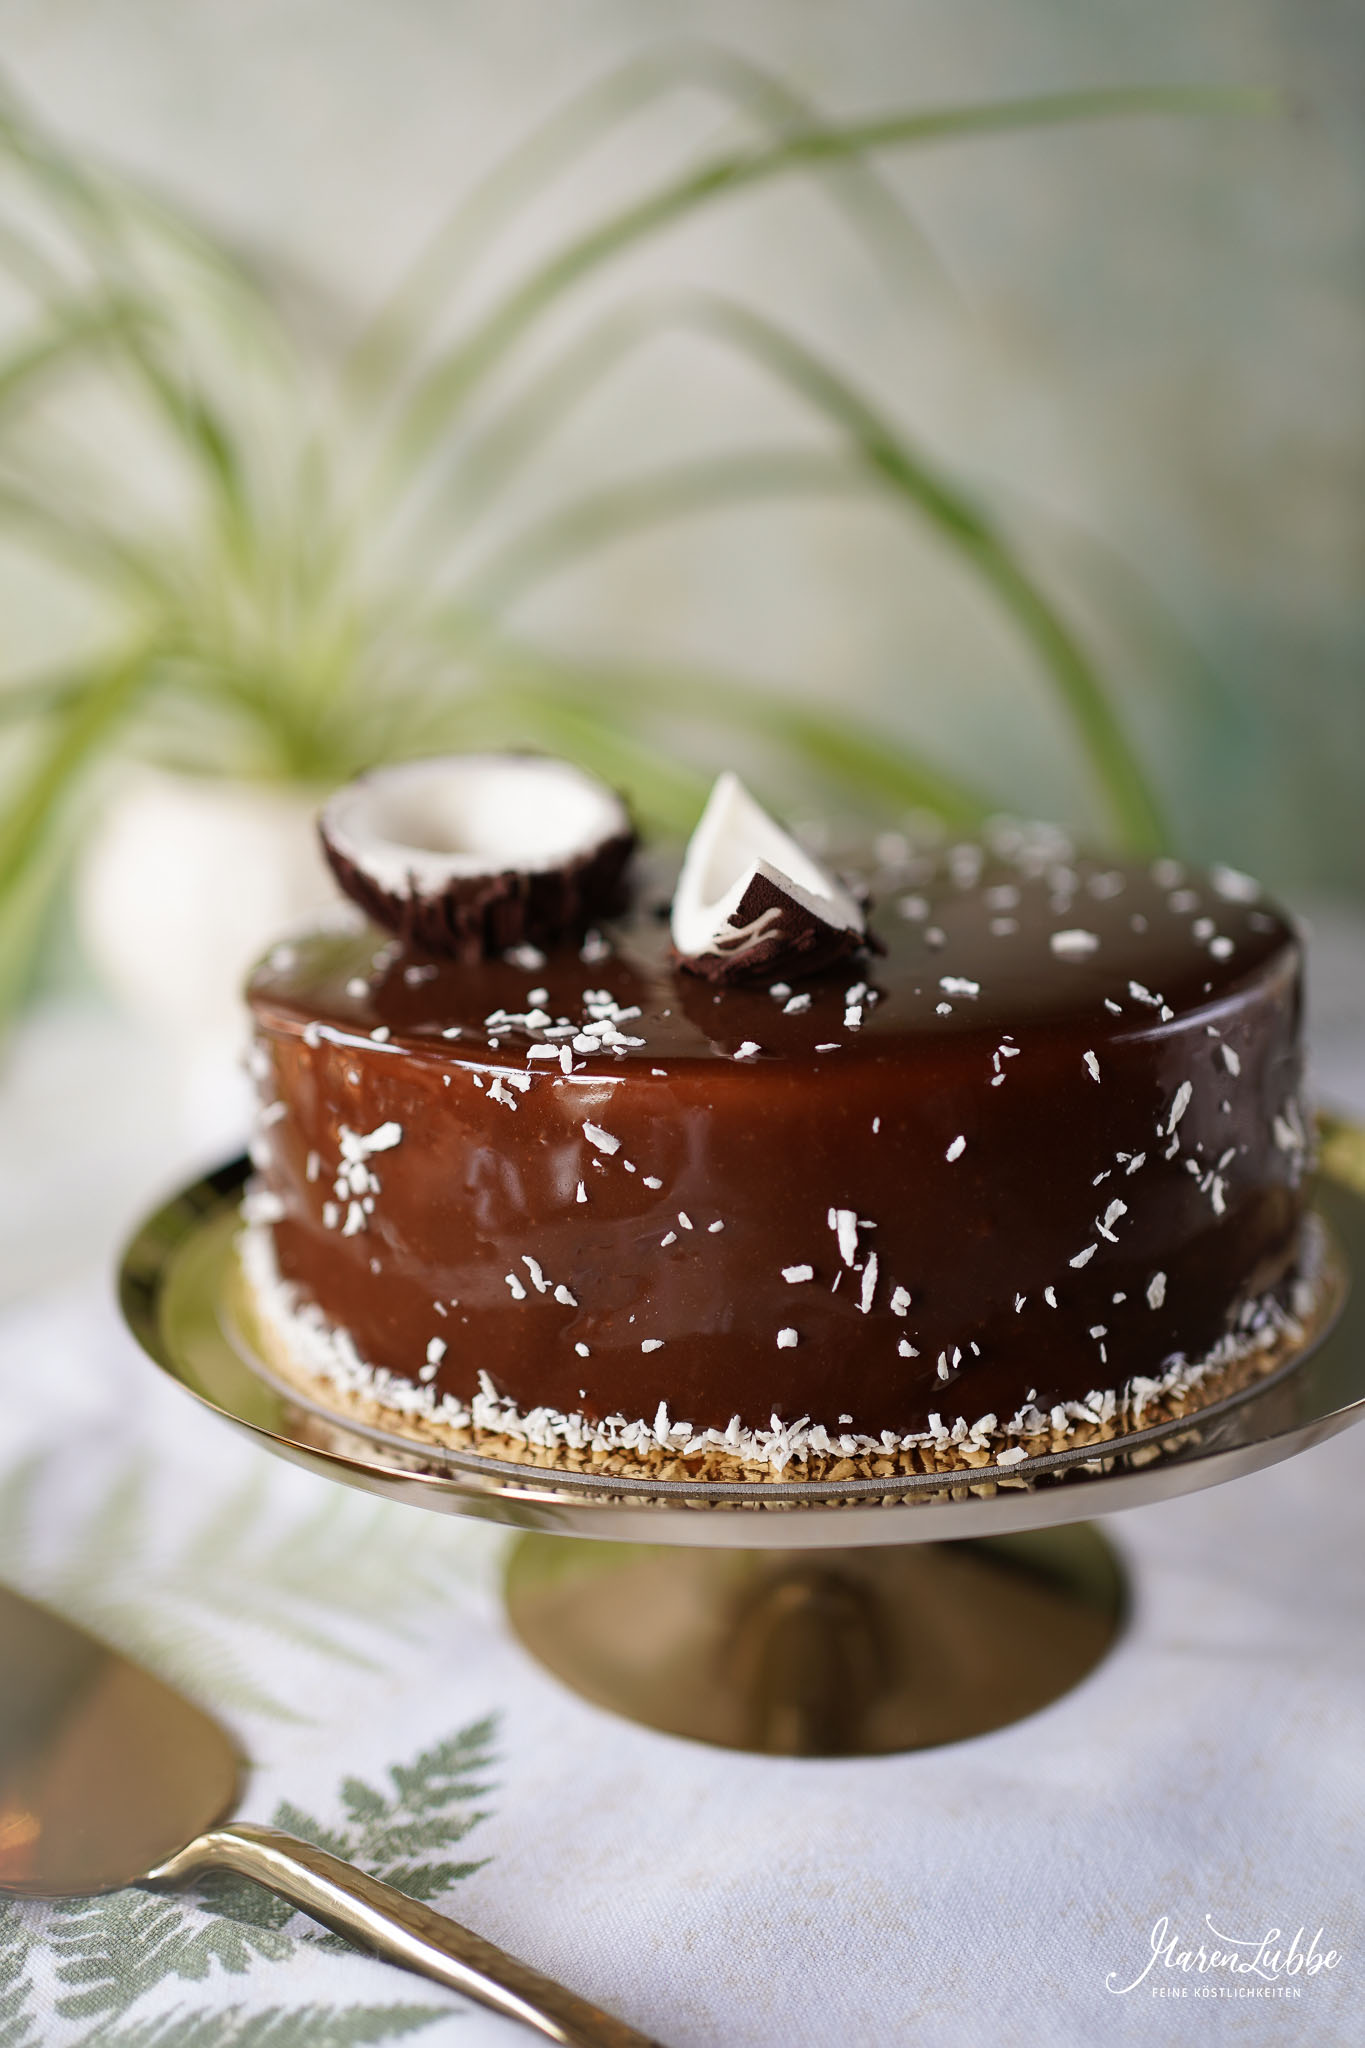 CARAÏBES - Kokos-Schokoladen Torte nach Yann Couvreur